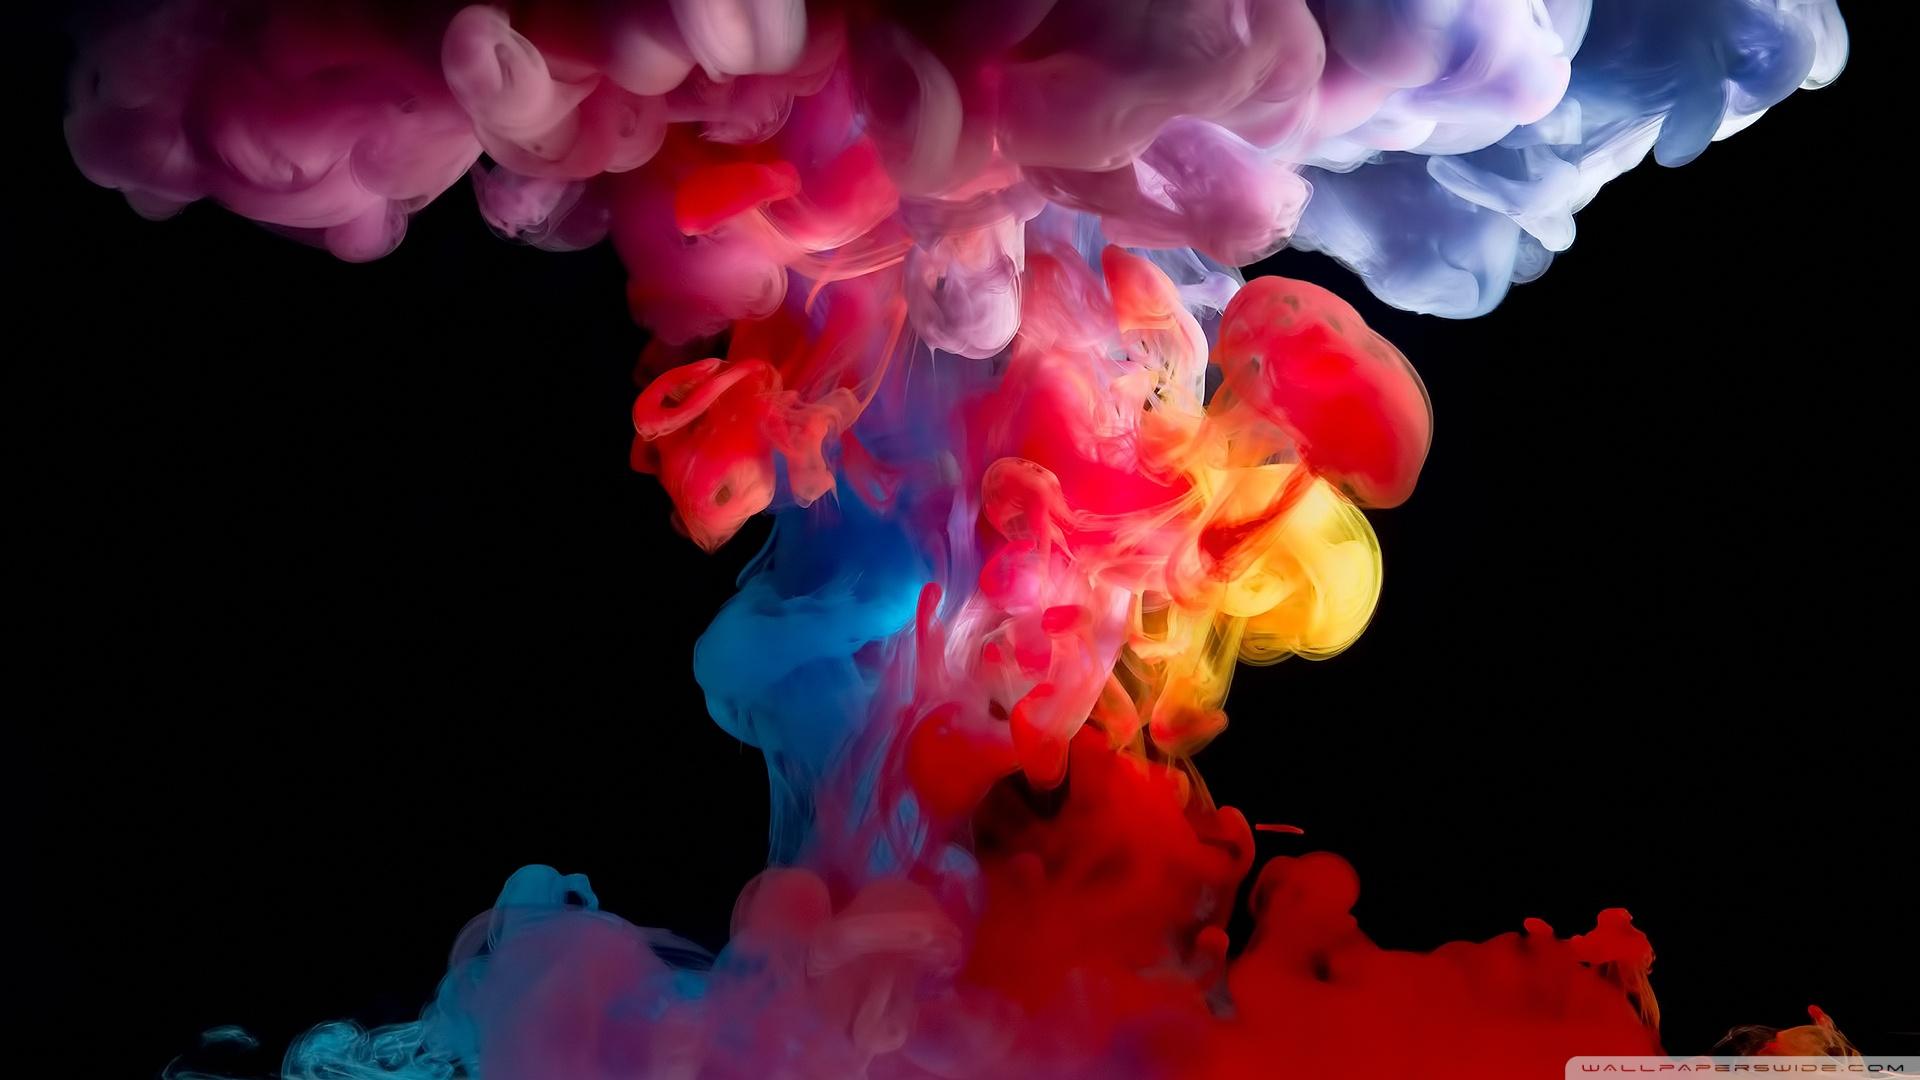 colorful_smoke_4-wallpaper-1920x1080